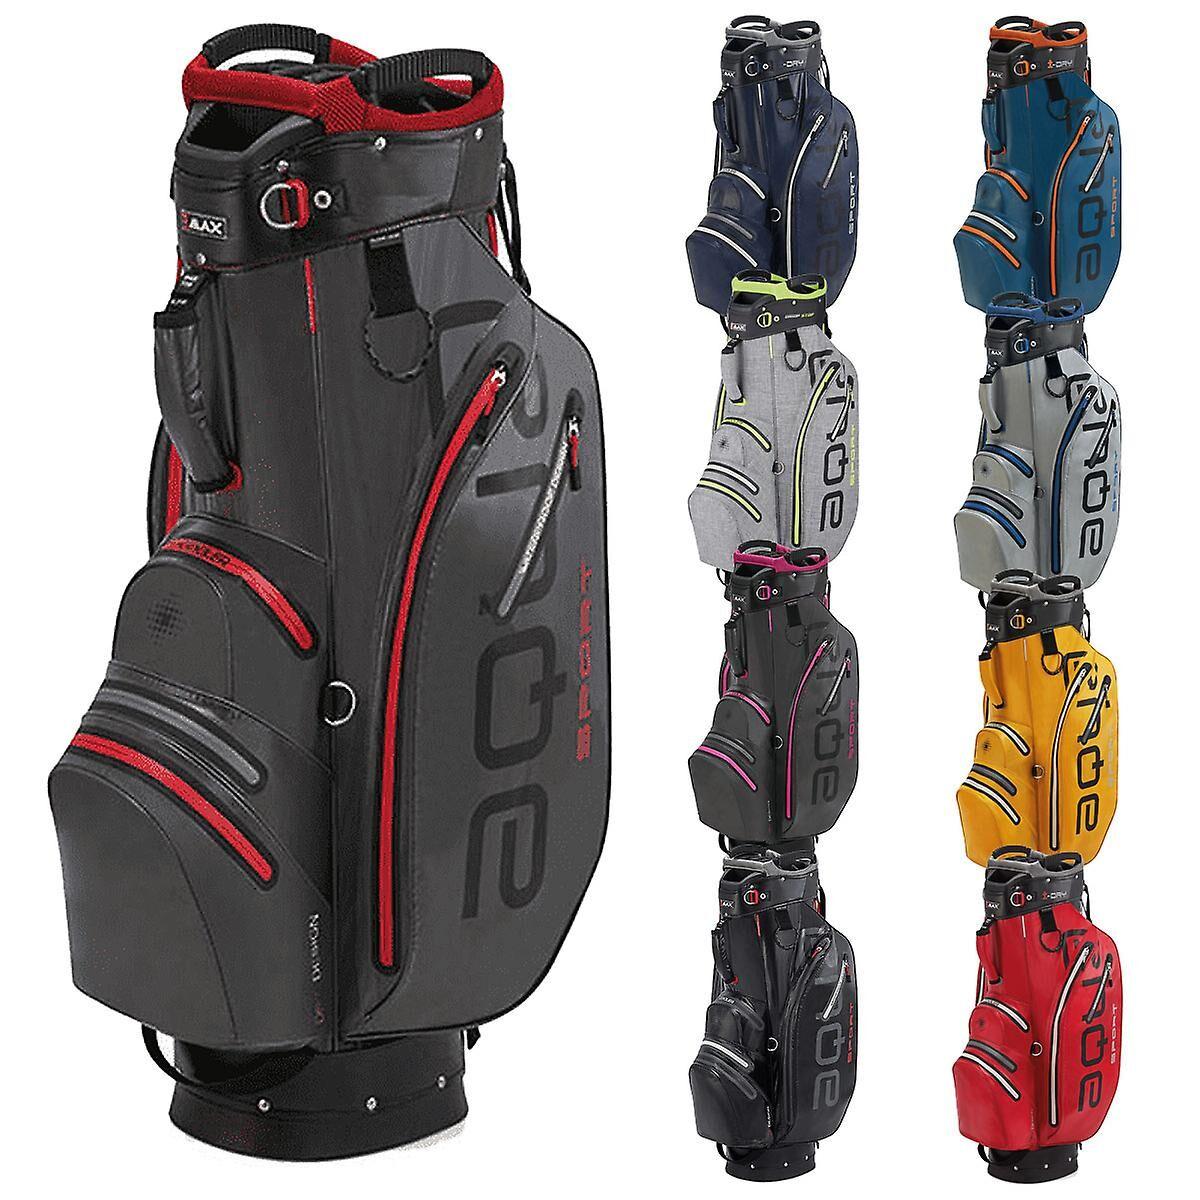 Big Max Unisex Aqua Sport 2 Sac de golf léger imperméable à l'eau Rouge One Size